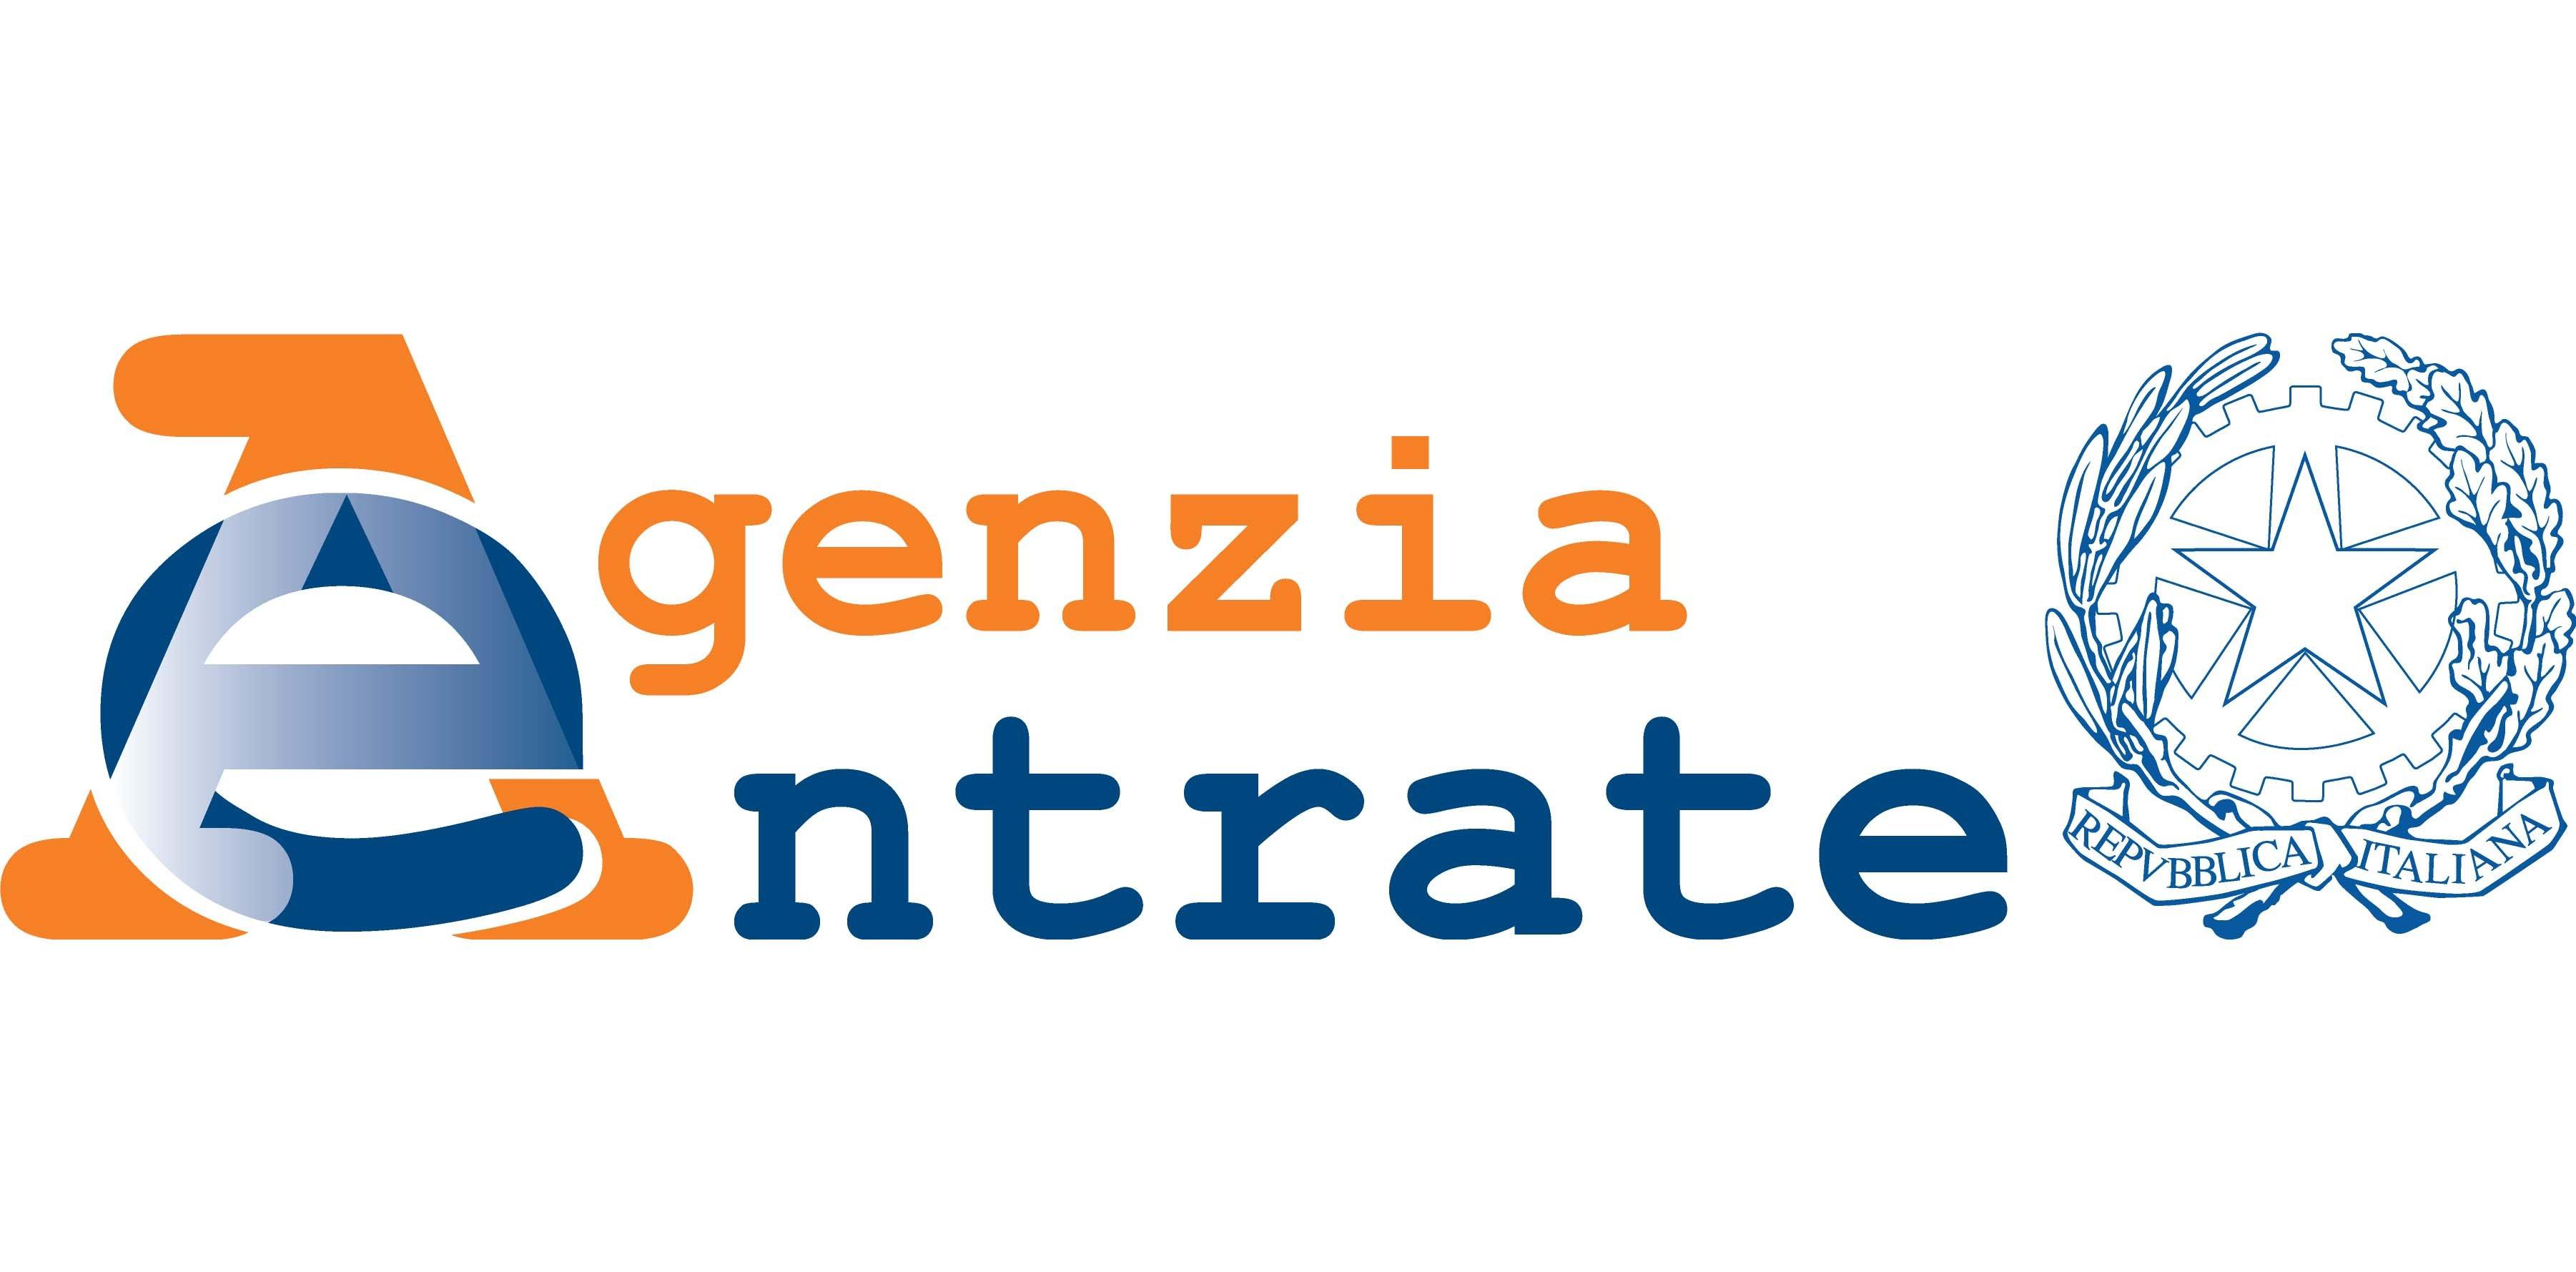 Logo agenzia delle entrate copia euroscaf for Agenzia delle entrate precompilato 2017